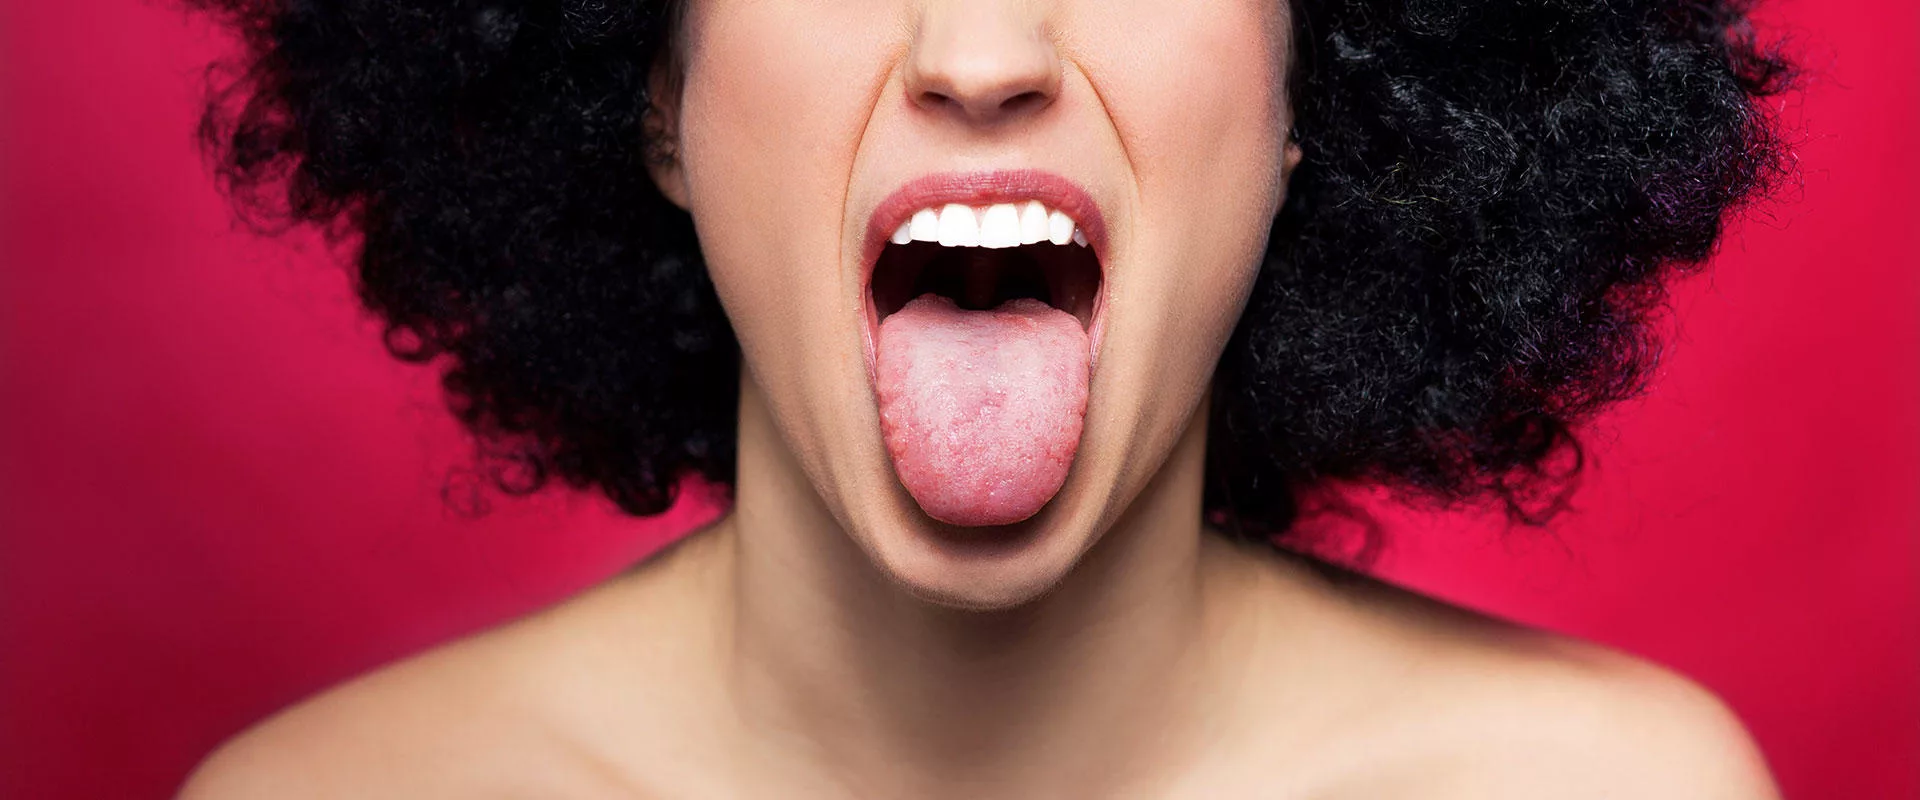 Почему на языке появляется белый налет